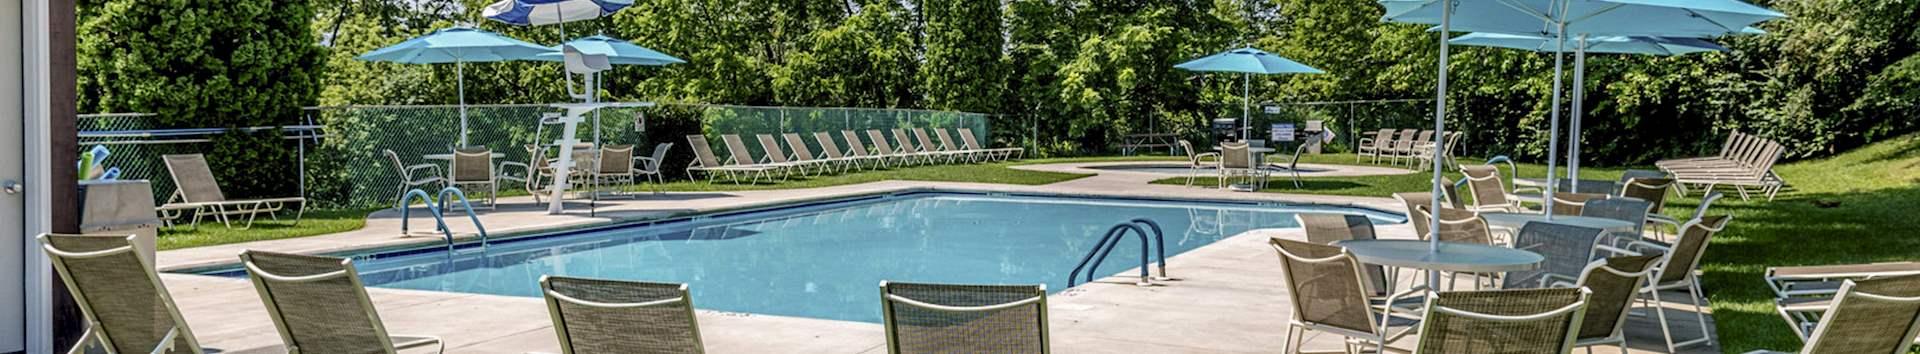 Swimming Pool of Grampian Hills Apartments at Manor Communities, Williamsport/Pennsylvania